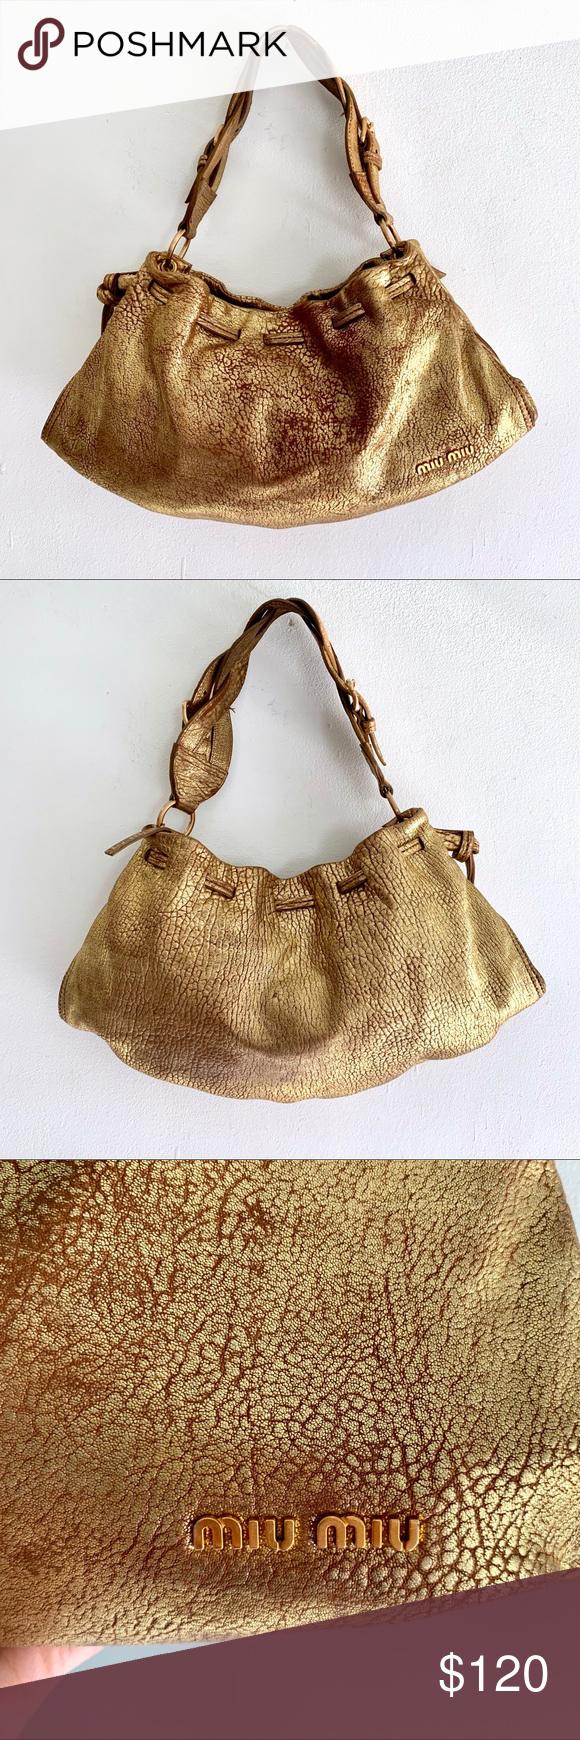 37a77ea4f Miu Miu Distressed Gold Leather Hobo Bag Miu Miu Distressed Gold Leather  Slouchy Hobo Bag Previously